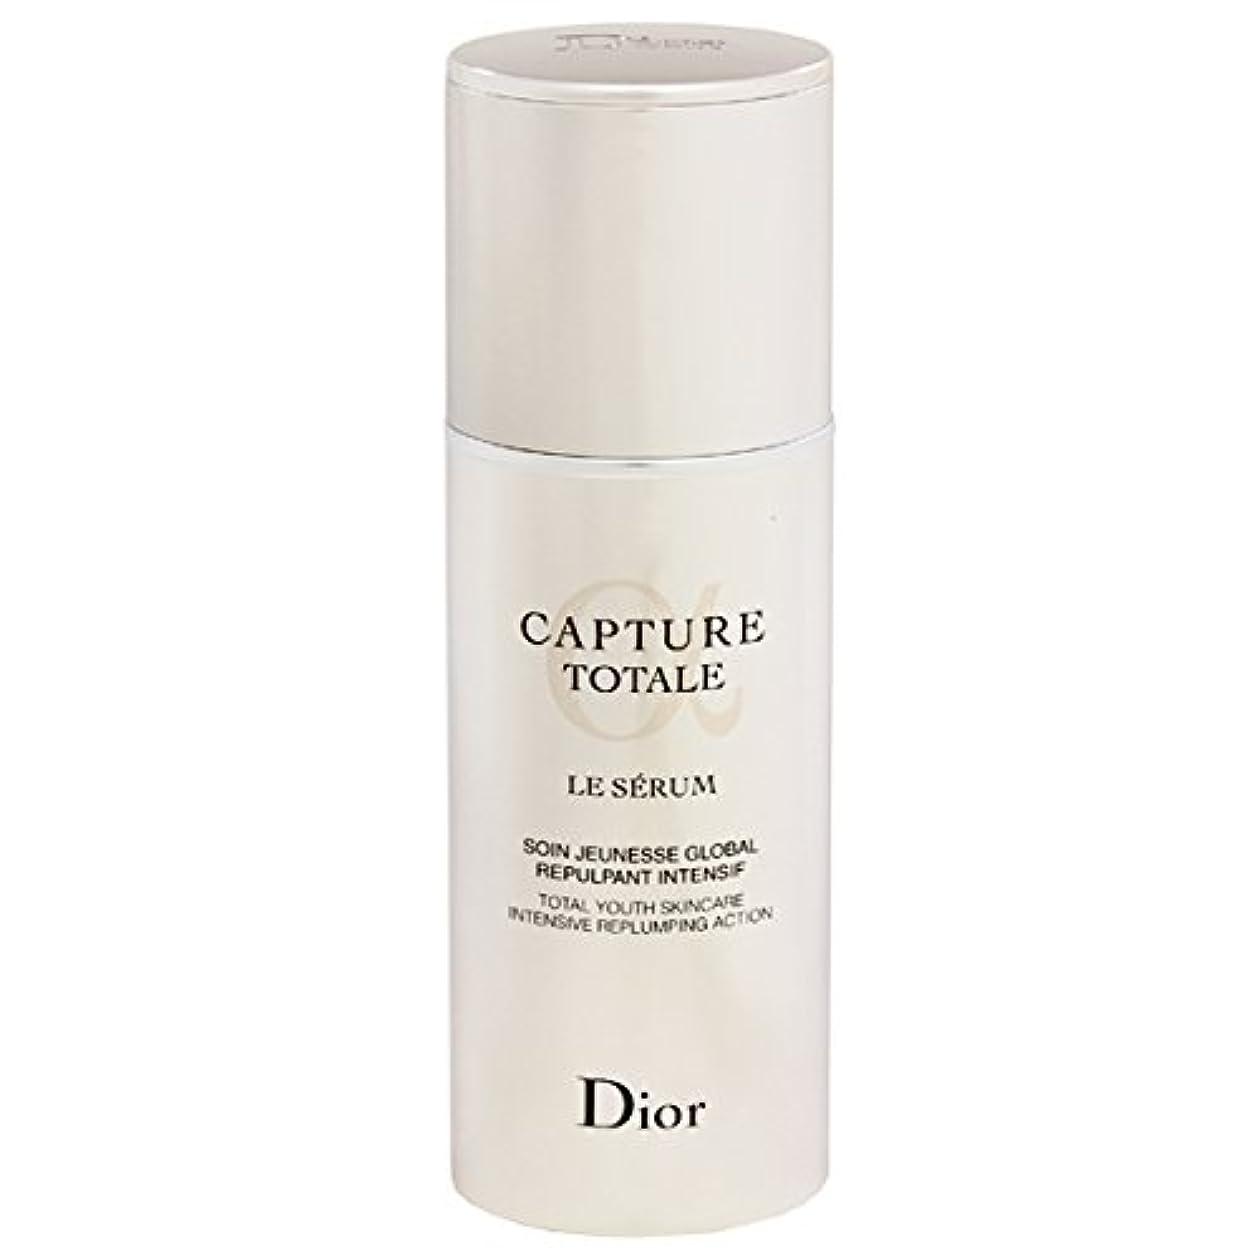 Dior カプチュールトータルコンセントレートセラム 50ml [224963] [並行輸入品]